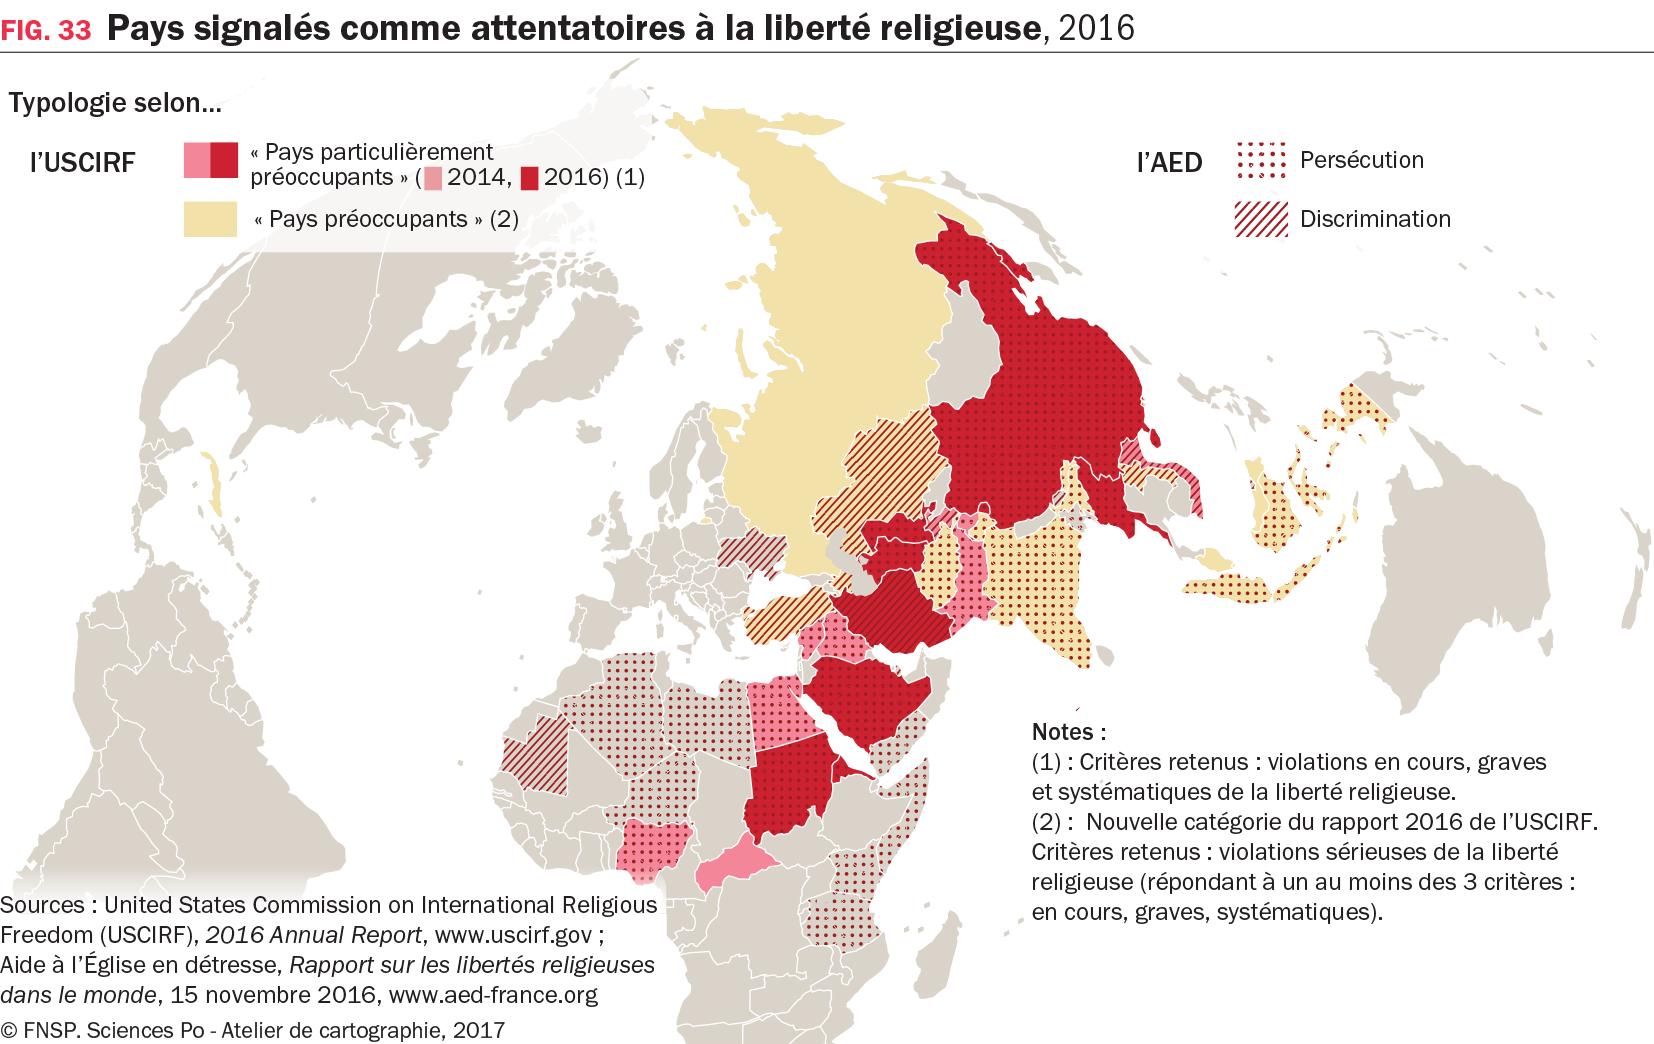 Carte : Pays signalés comme attentatoires à la liberté religieuse, 2016